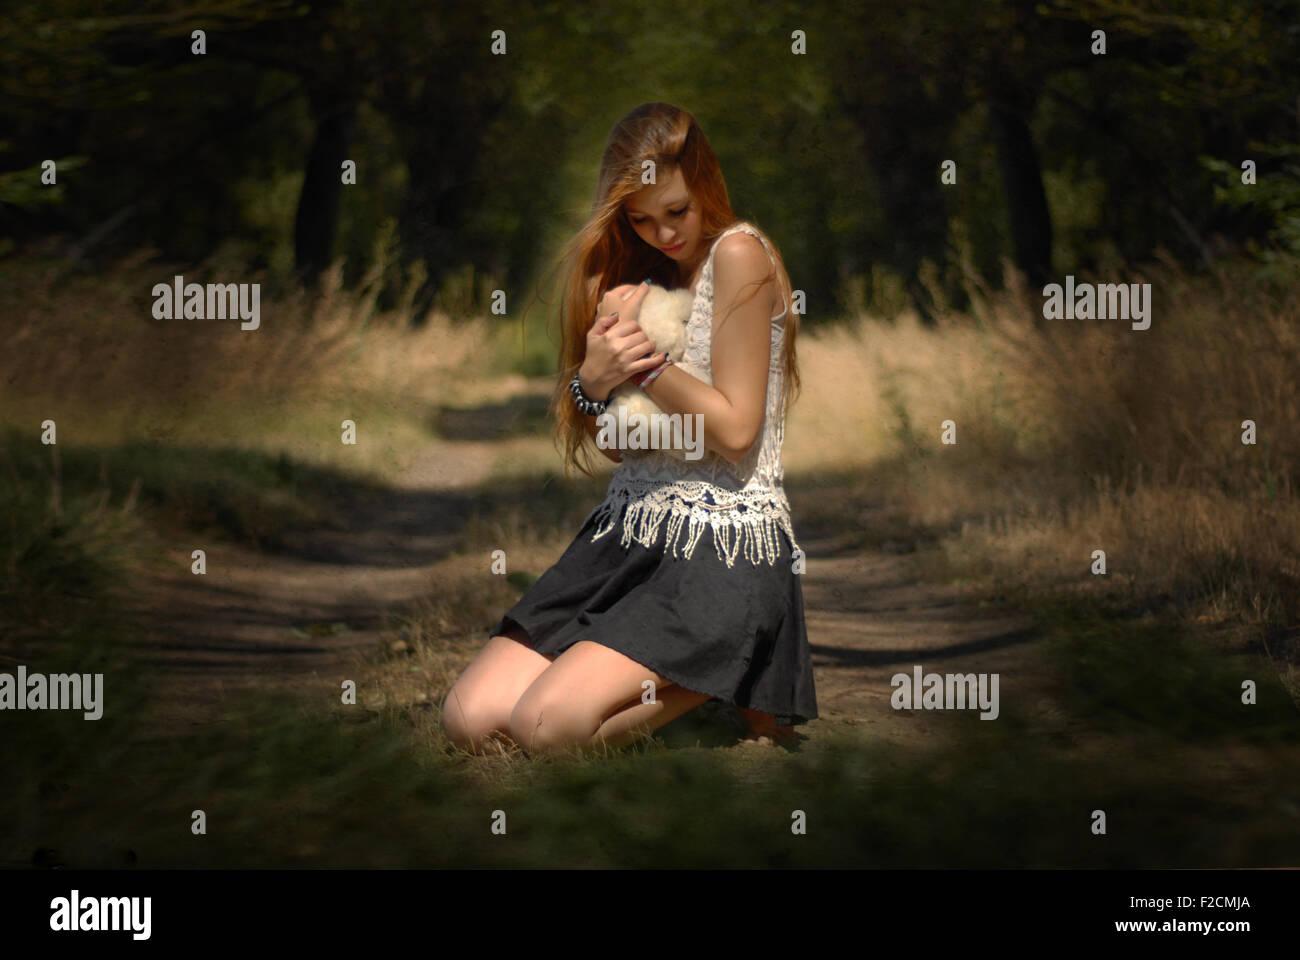 Âme perdue et de l'innocence - girl hugging teddy bear en forêt pleurer girl dans la forêt avec des ours belle lumière Banque D'Images